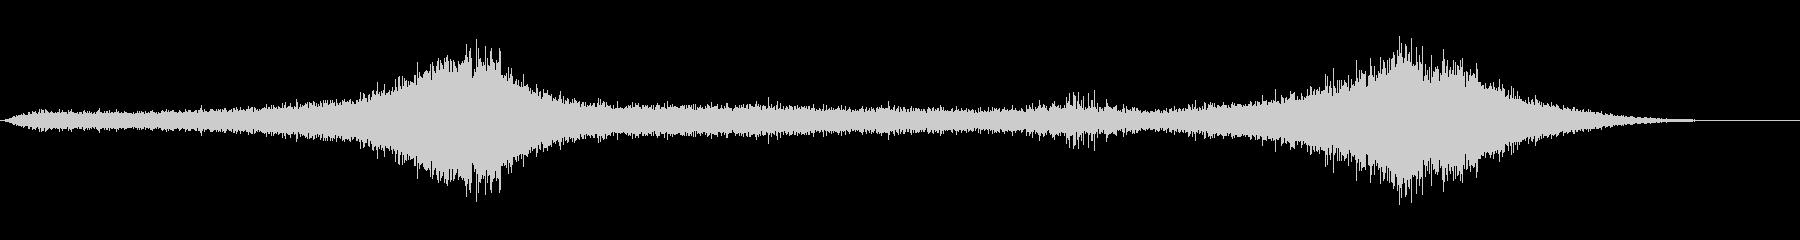 【生録音】 早朝の街 交通 環境音 19の未再生の波形